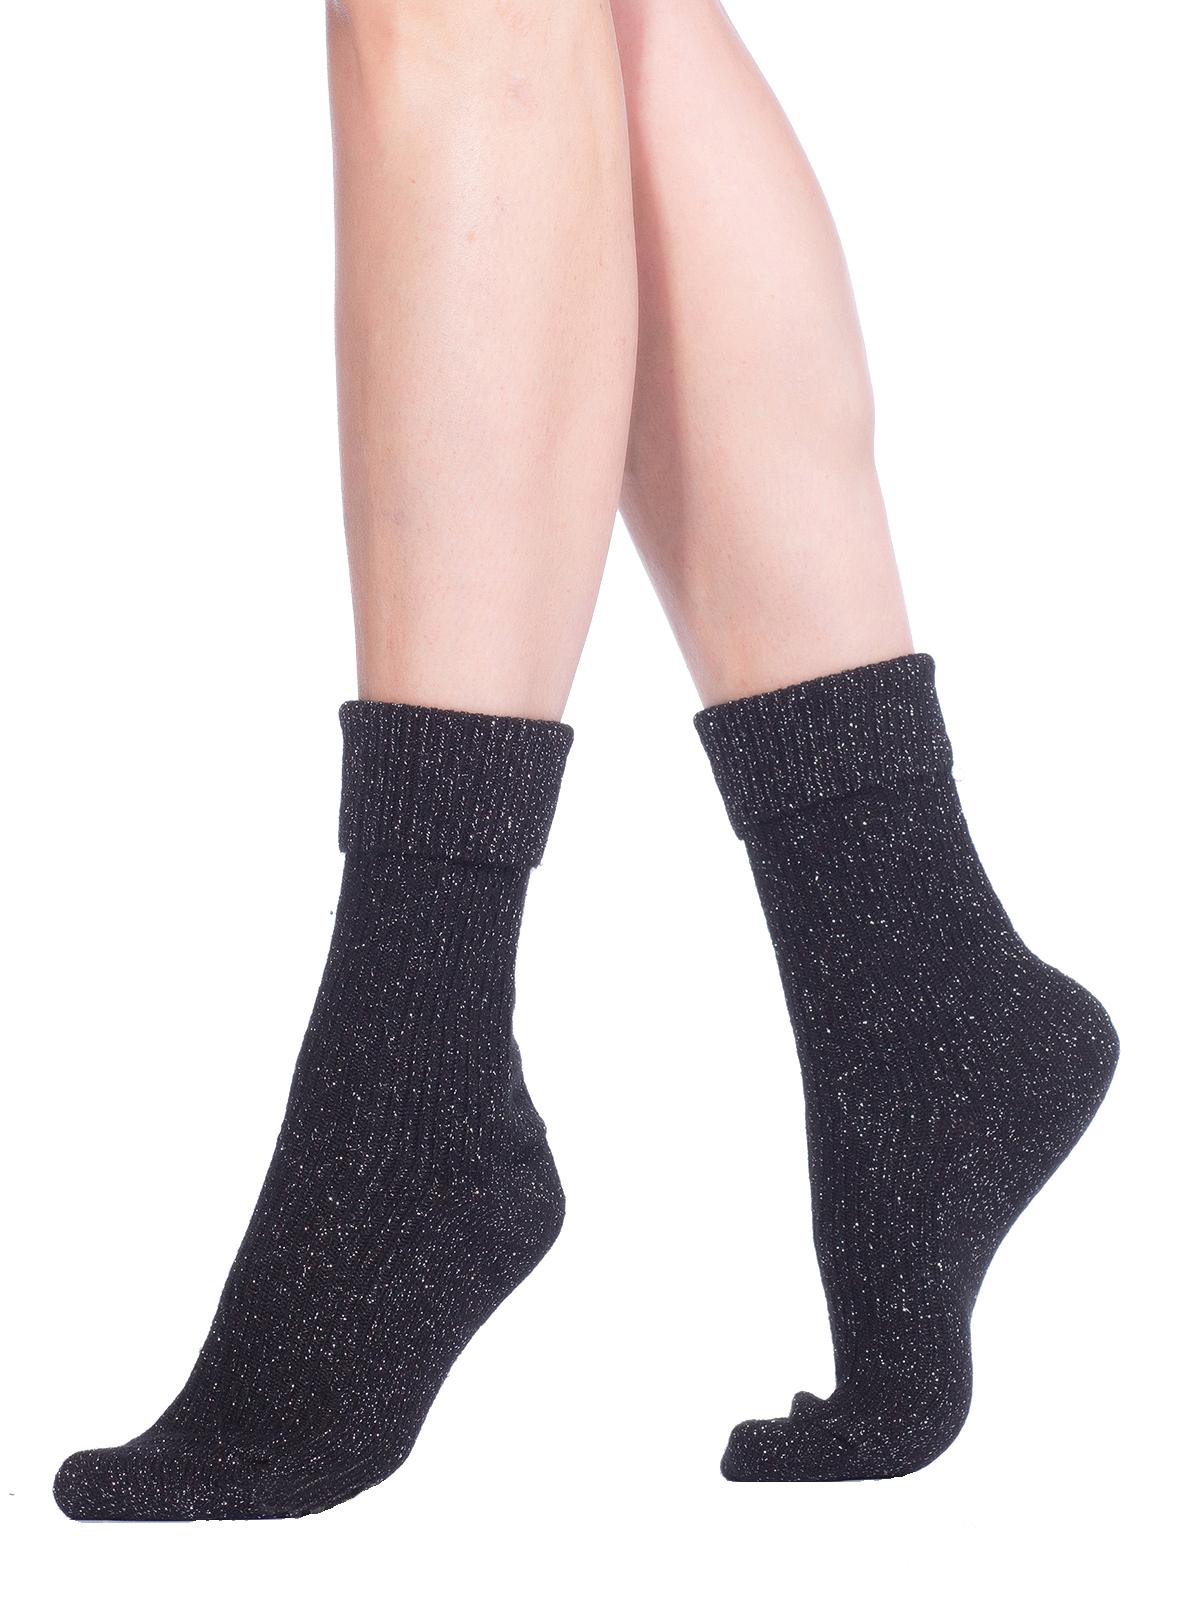 Носки женские Hobby Line черные 36-40